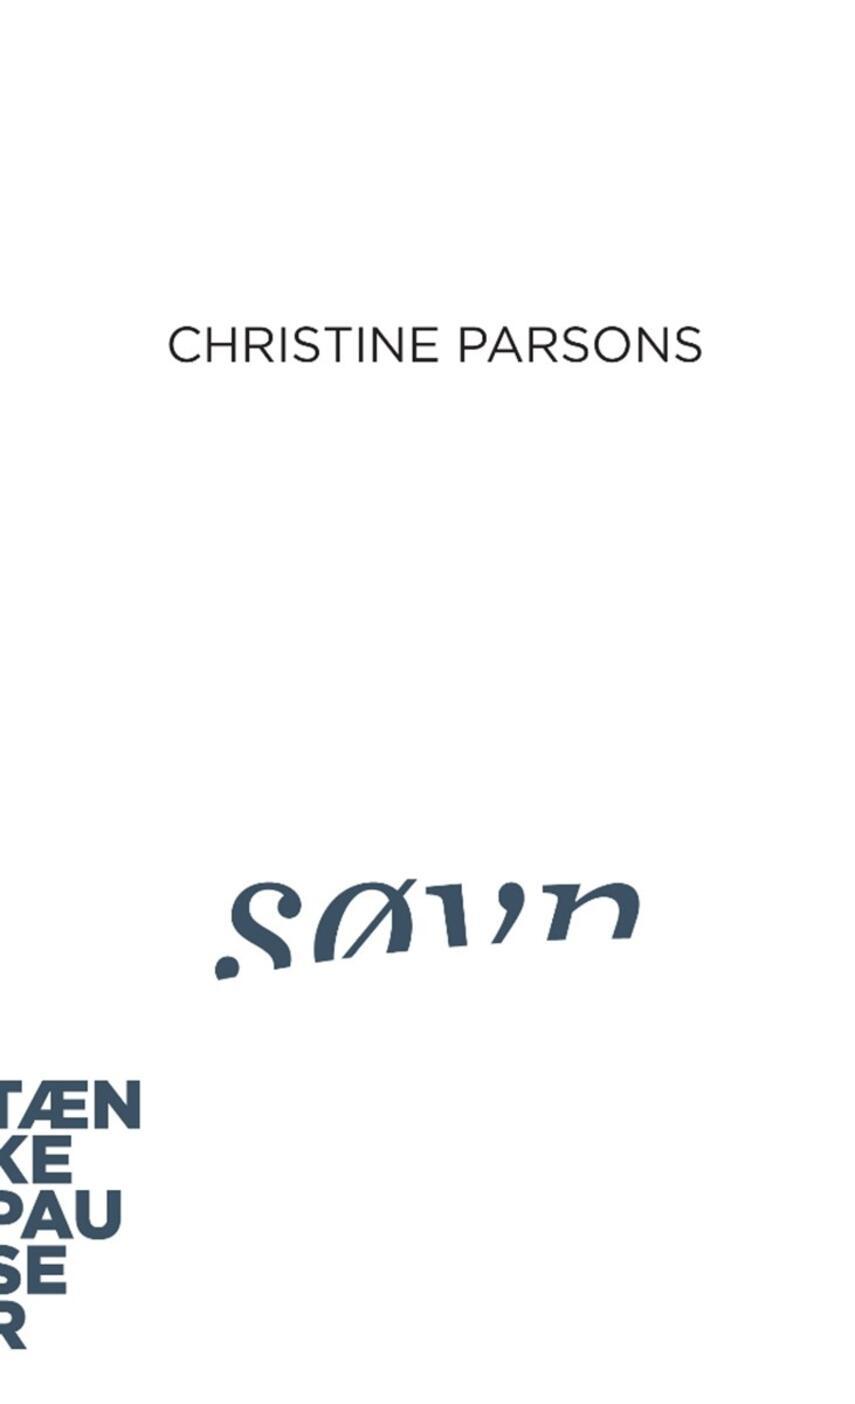 Christine Parsons: Søvn